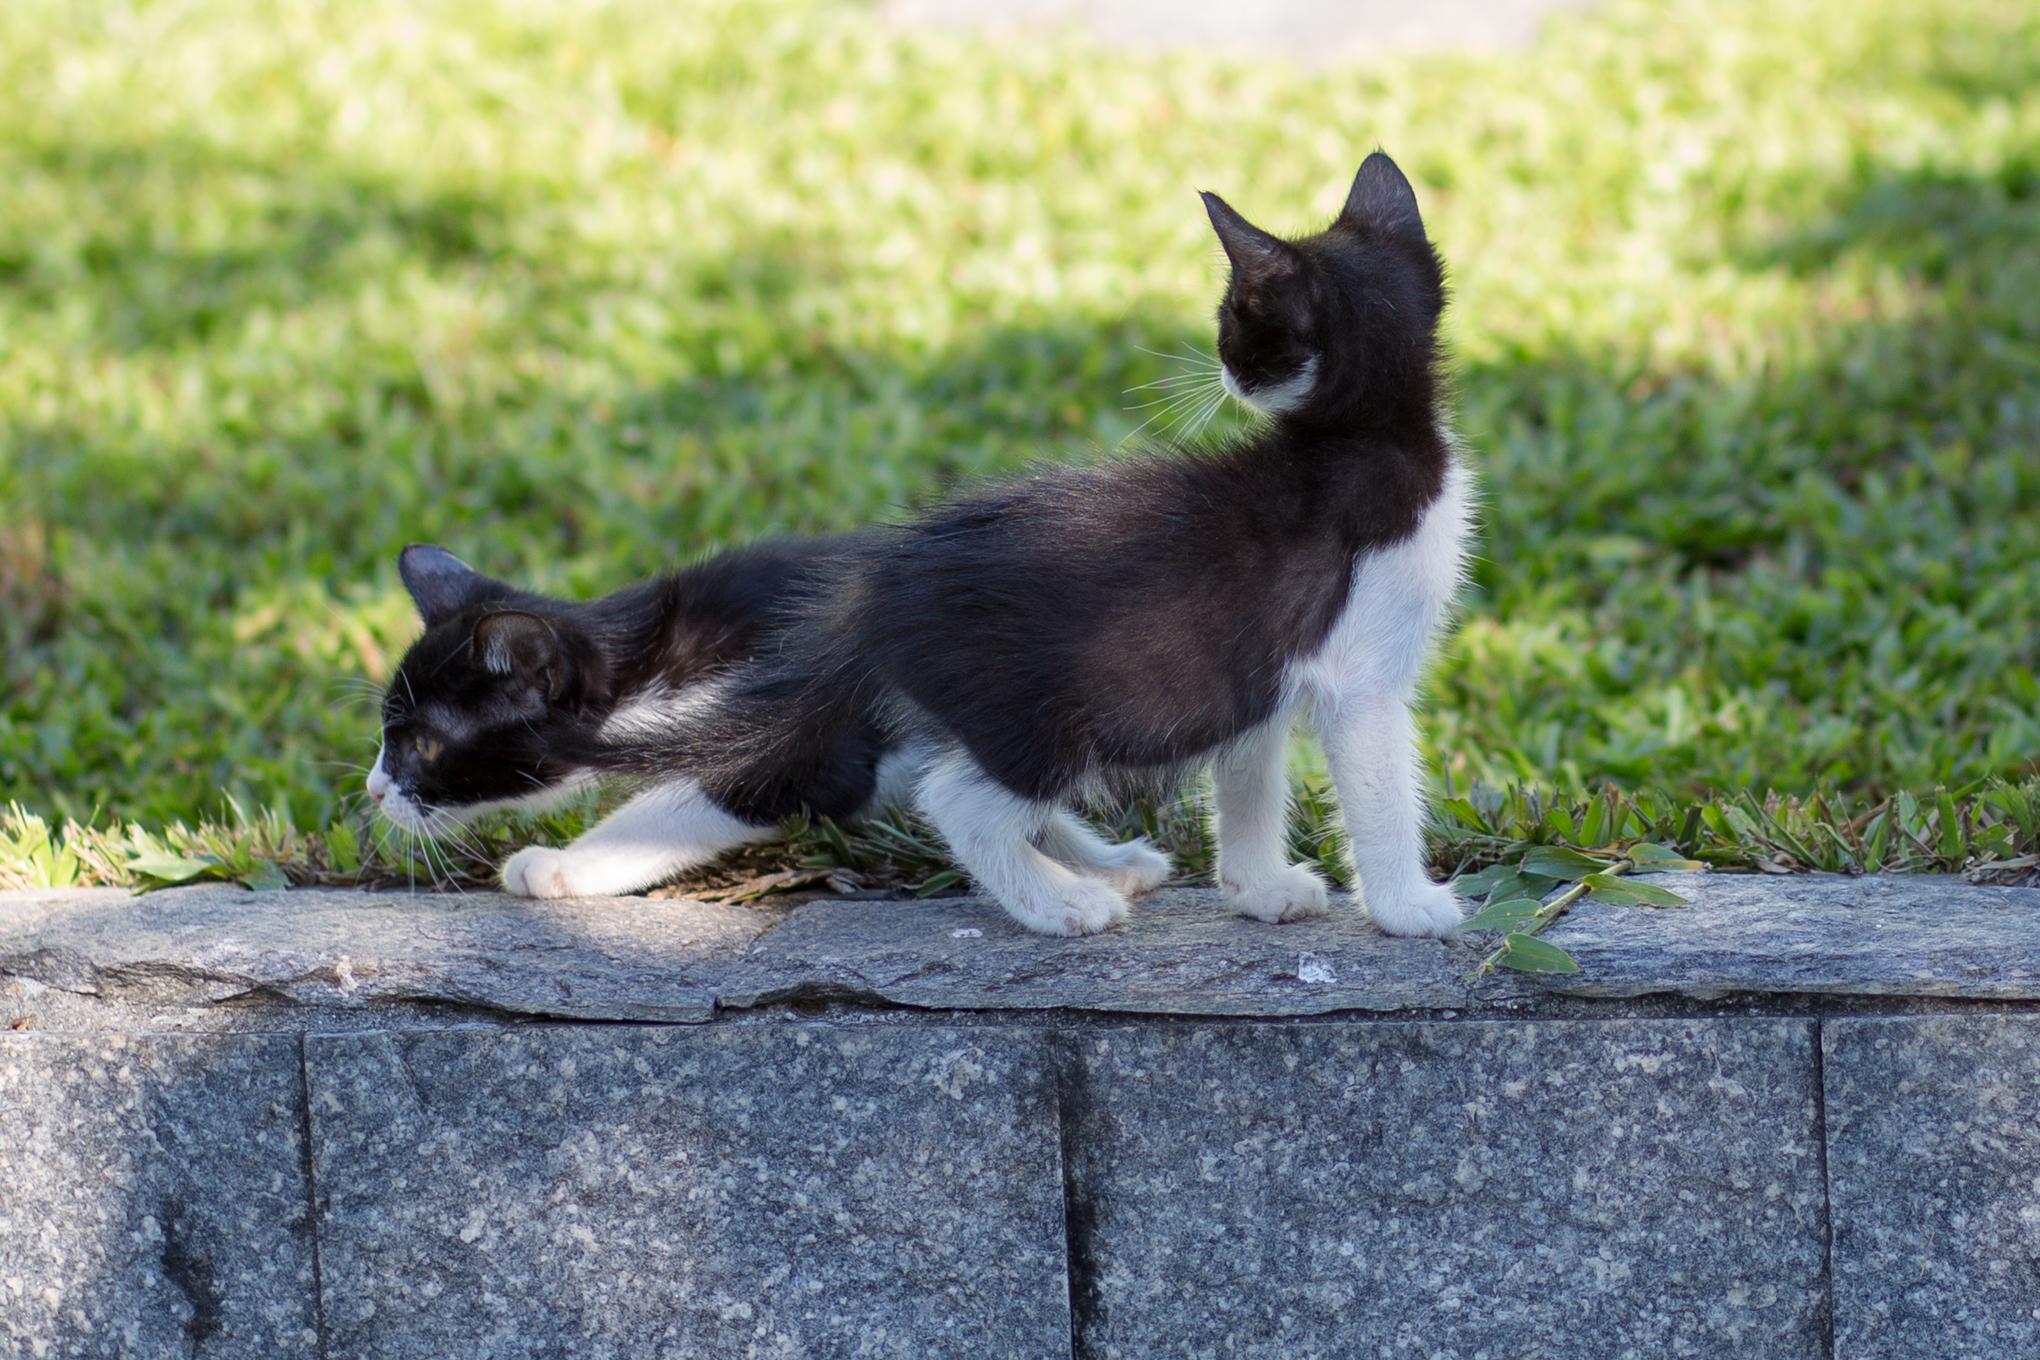 O Temível Gato de Duas Cabeças